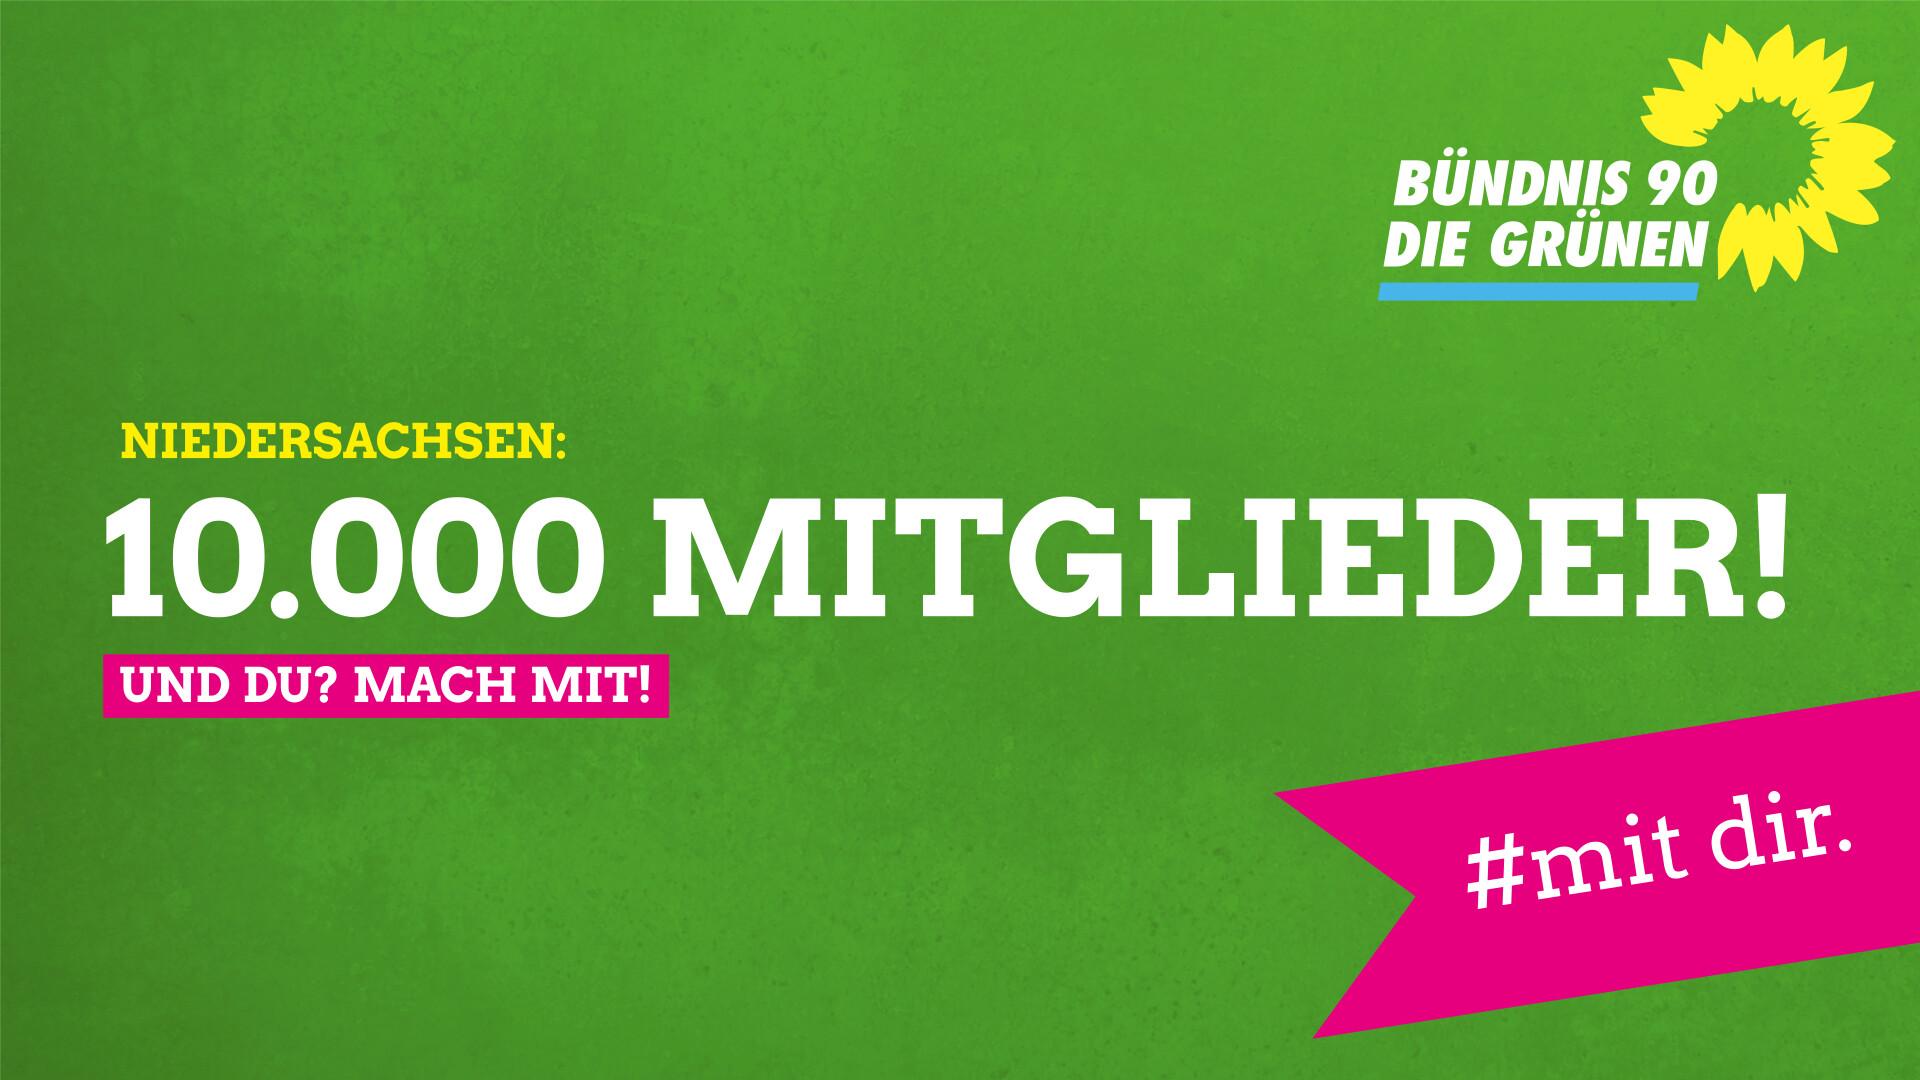 Mitgliederrekord: 10.000 GRÜNE Mitglieder in Niedersachsen